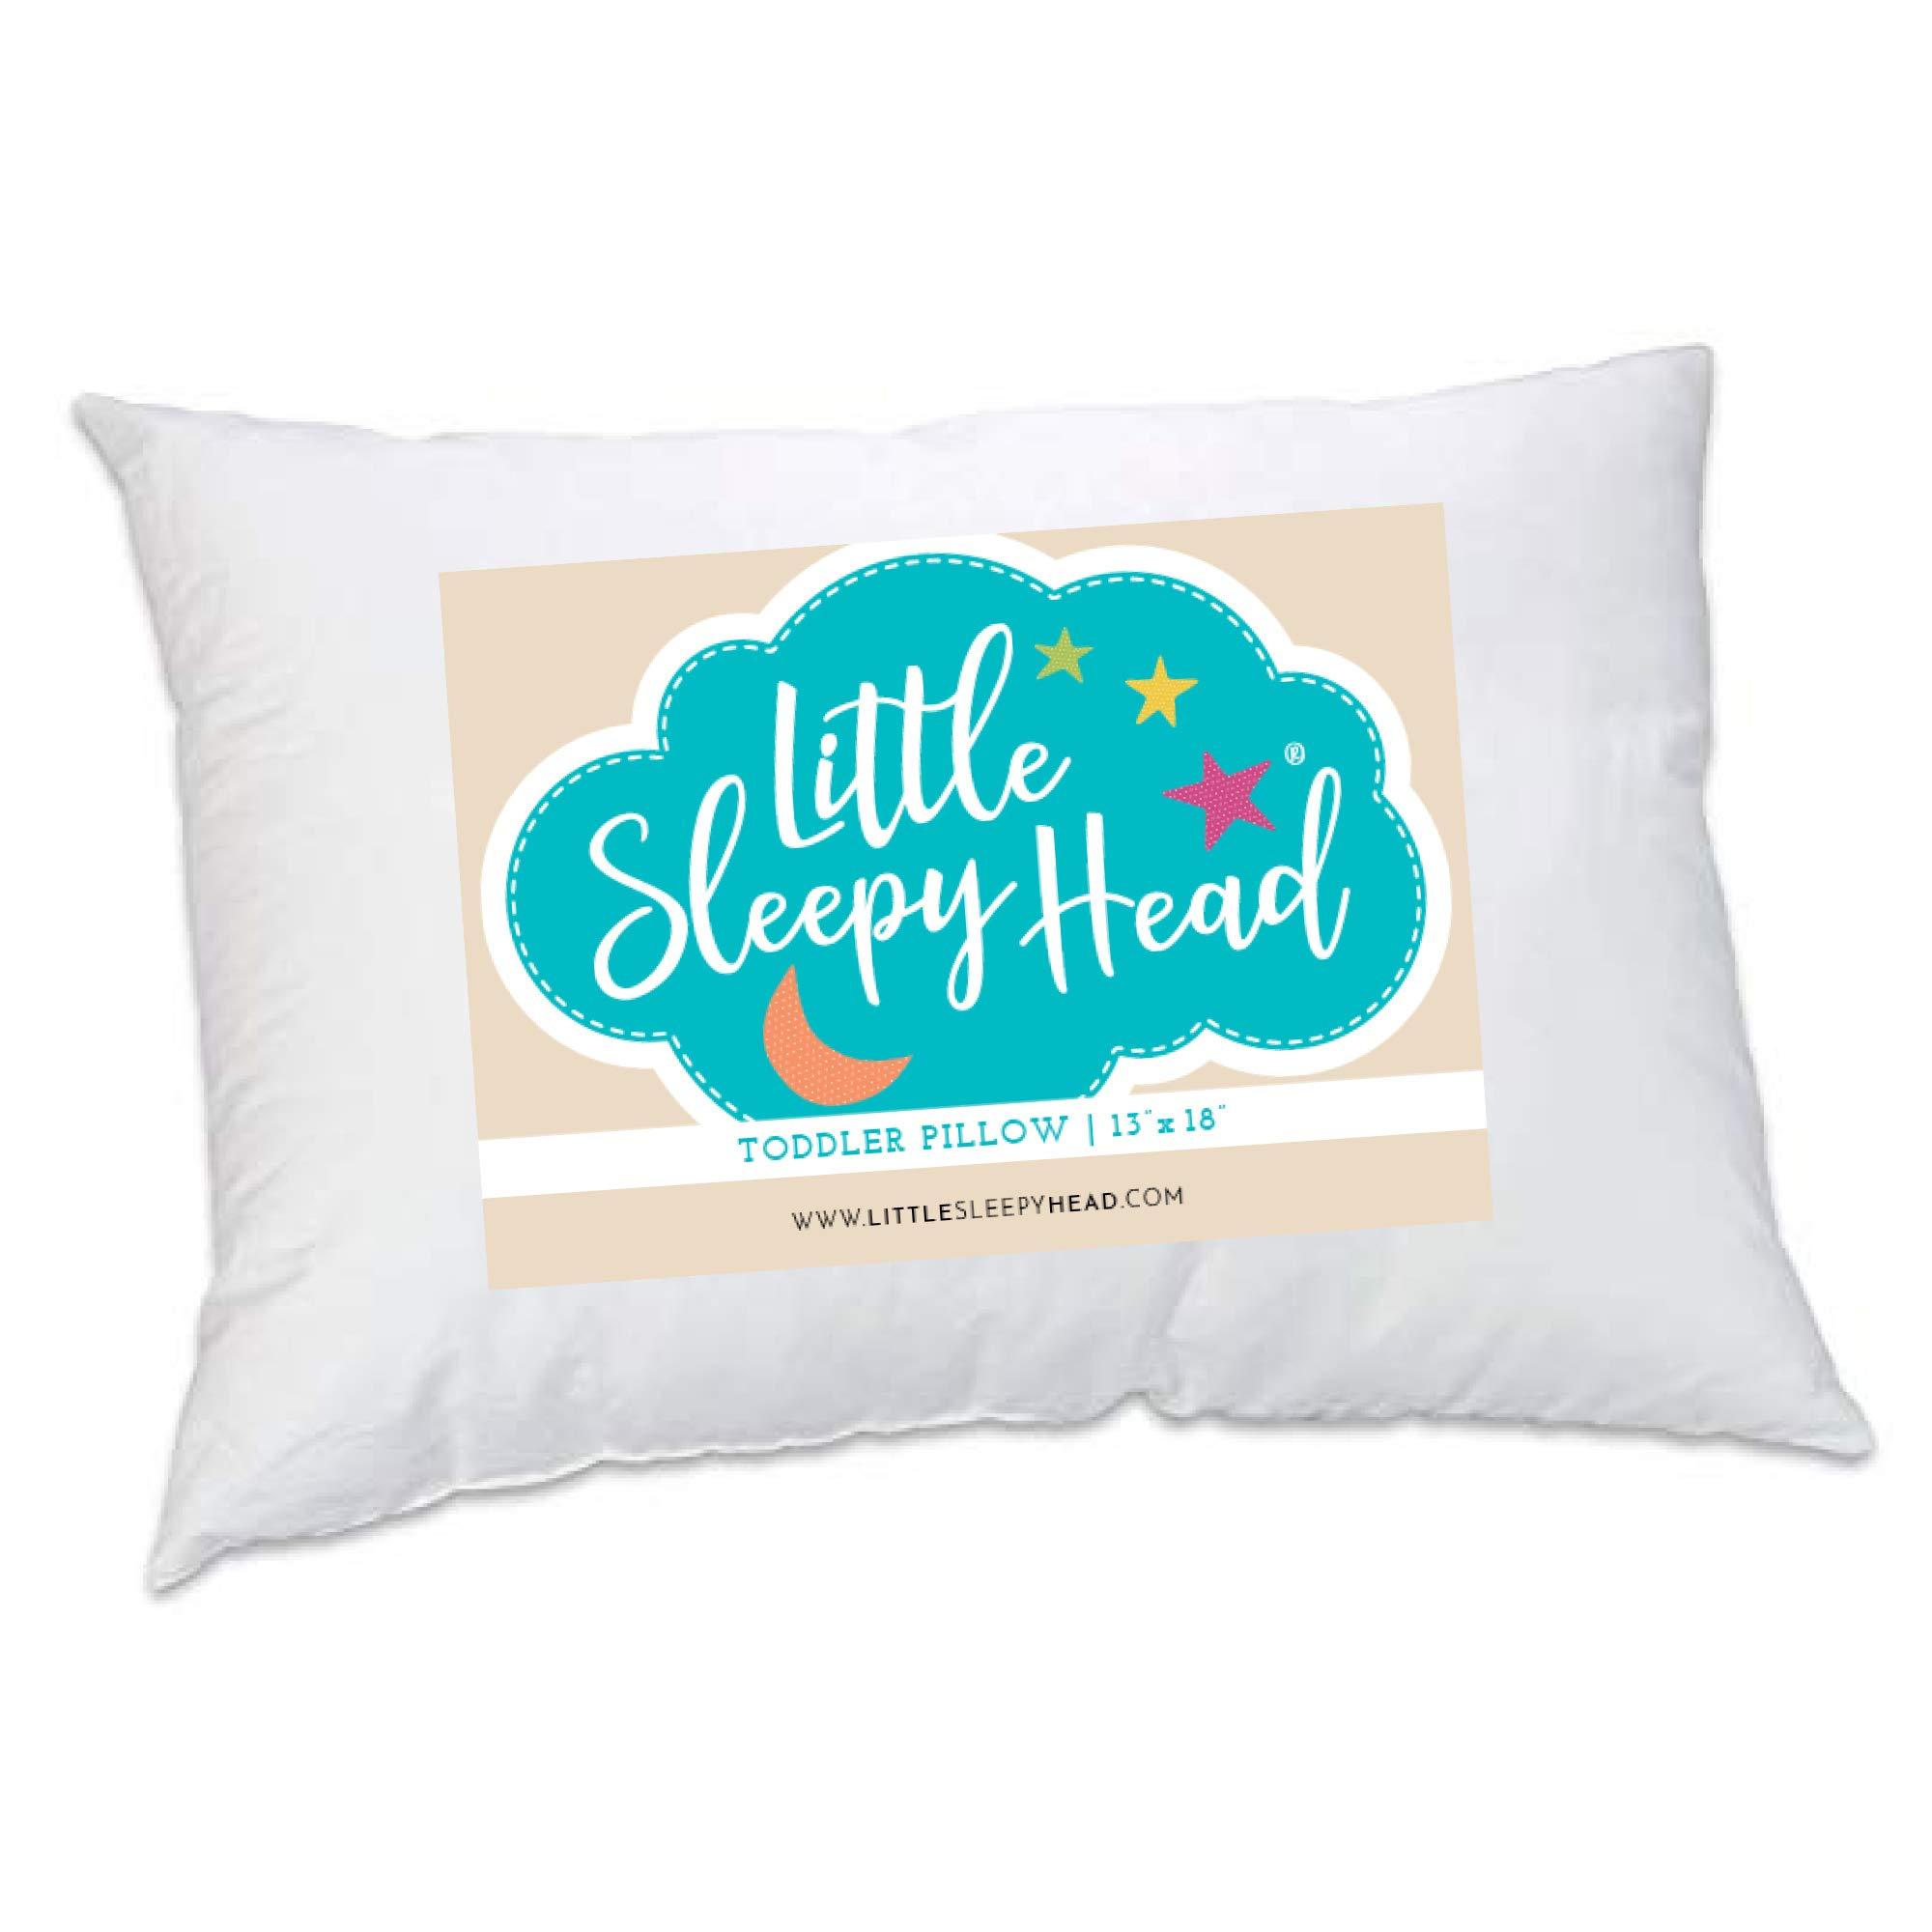 Little Sleepy Head Toddler Pillow 13x18, Made in USA, Baby Pillow for Sleeping by Little Sleepy Head